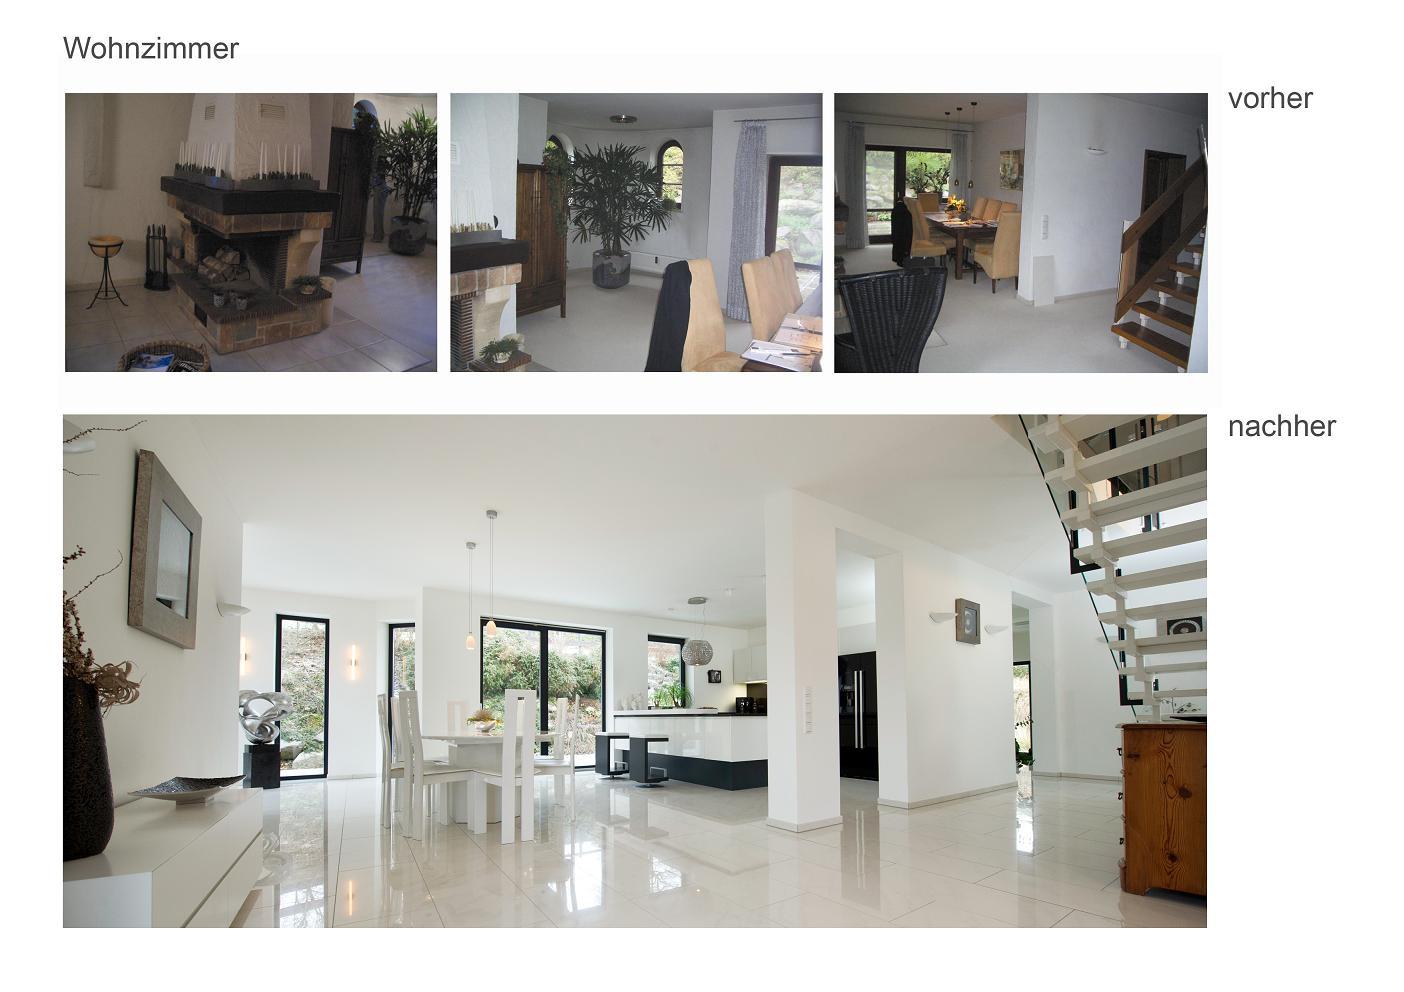 innenarchitektur simone weber warum ver nderung. Black Bedroom Furniture Sets. Home Design Ideas